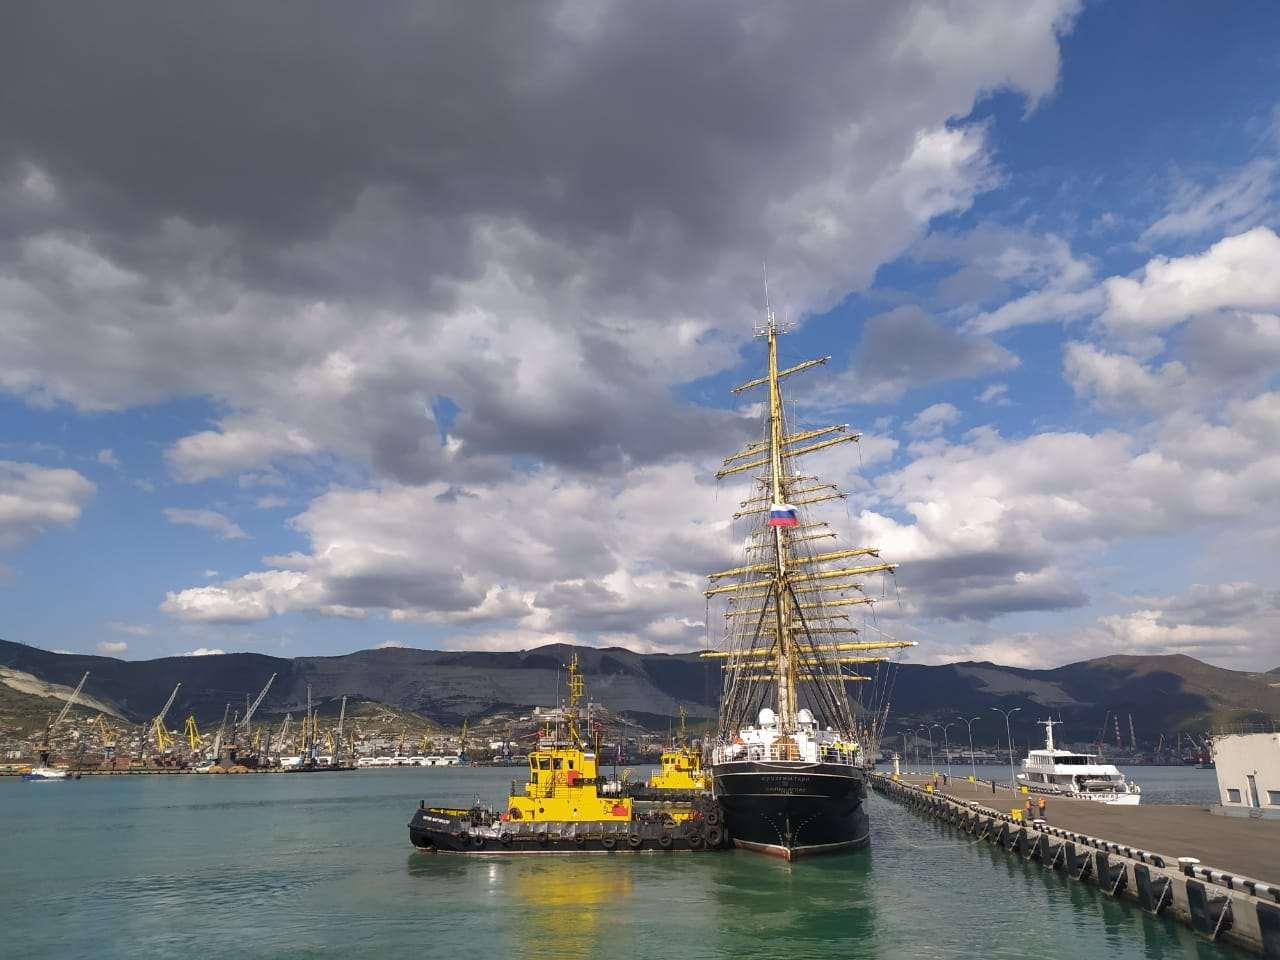 В администрации портов Черного моря новый руководитель